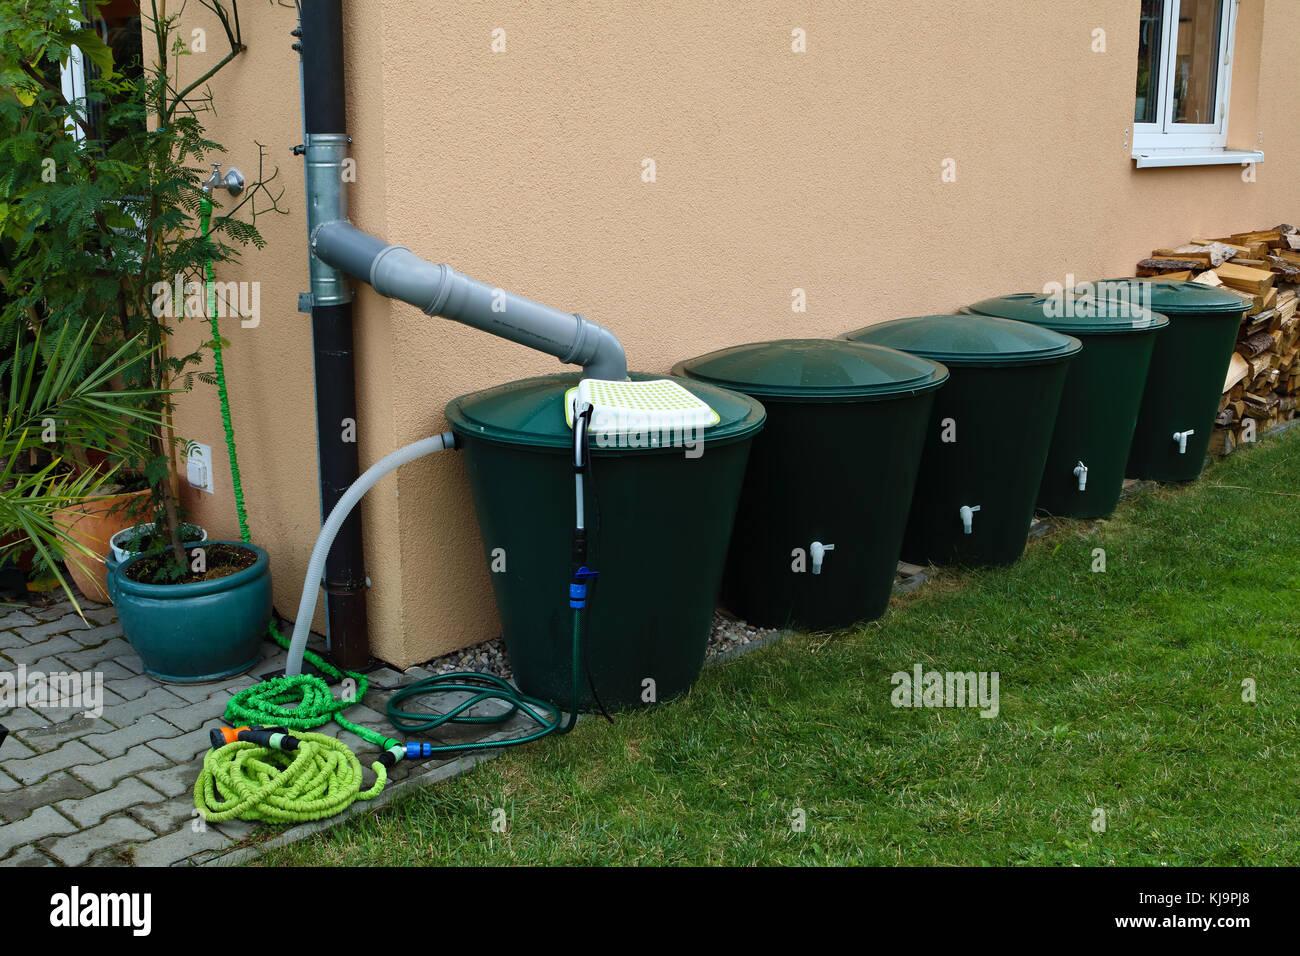 ansammlung und speicherung von regenwasser stockfotos & ansammlung